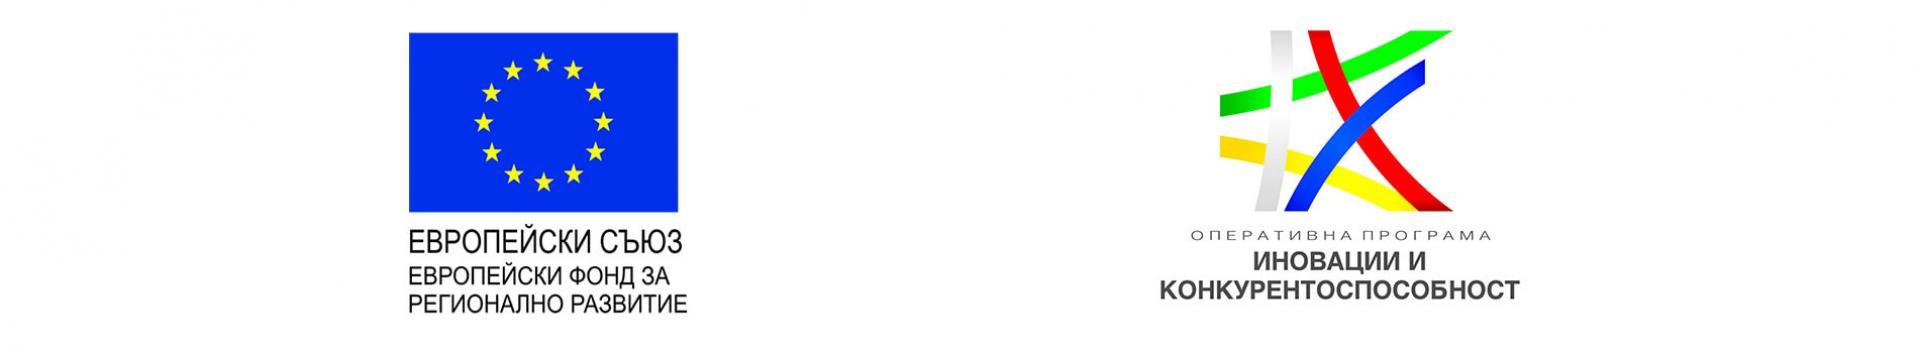 Тугуд Технолоджис ЕООД получи финансиране по ОП Иновации и конкурентноспособност